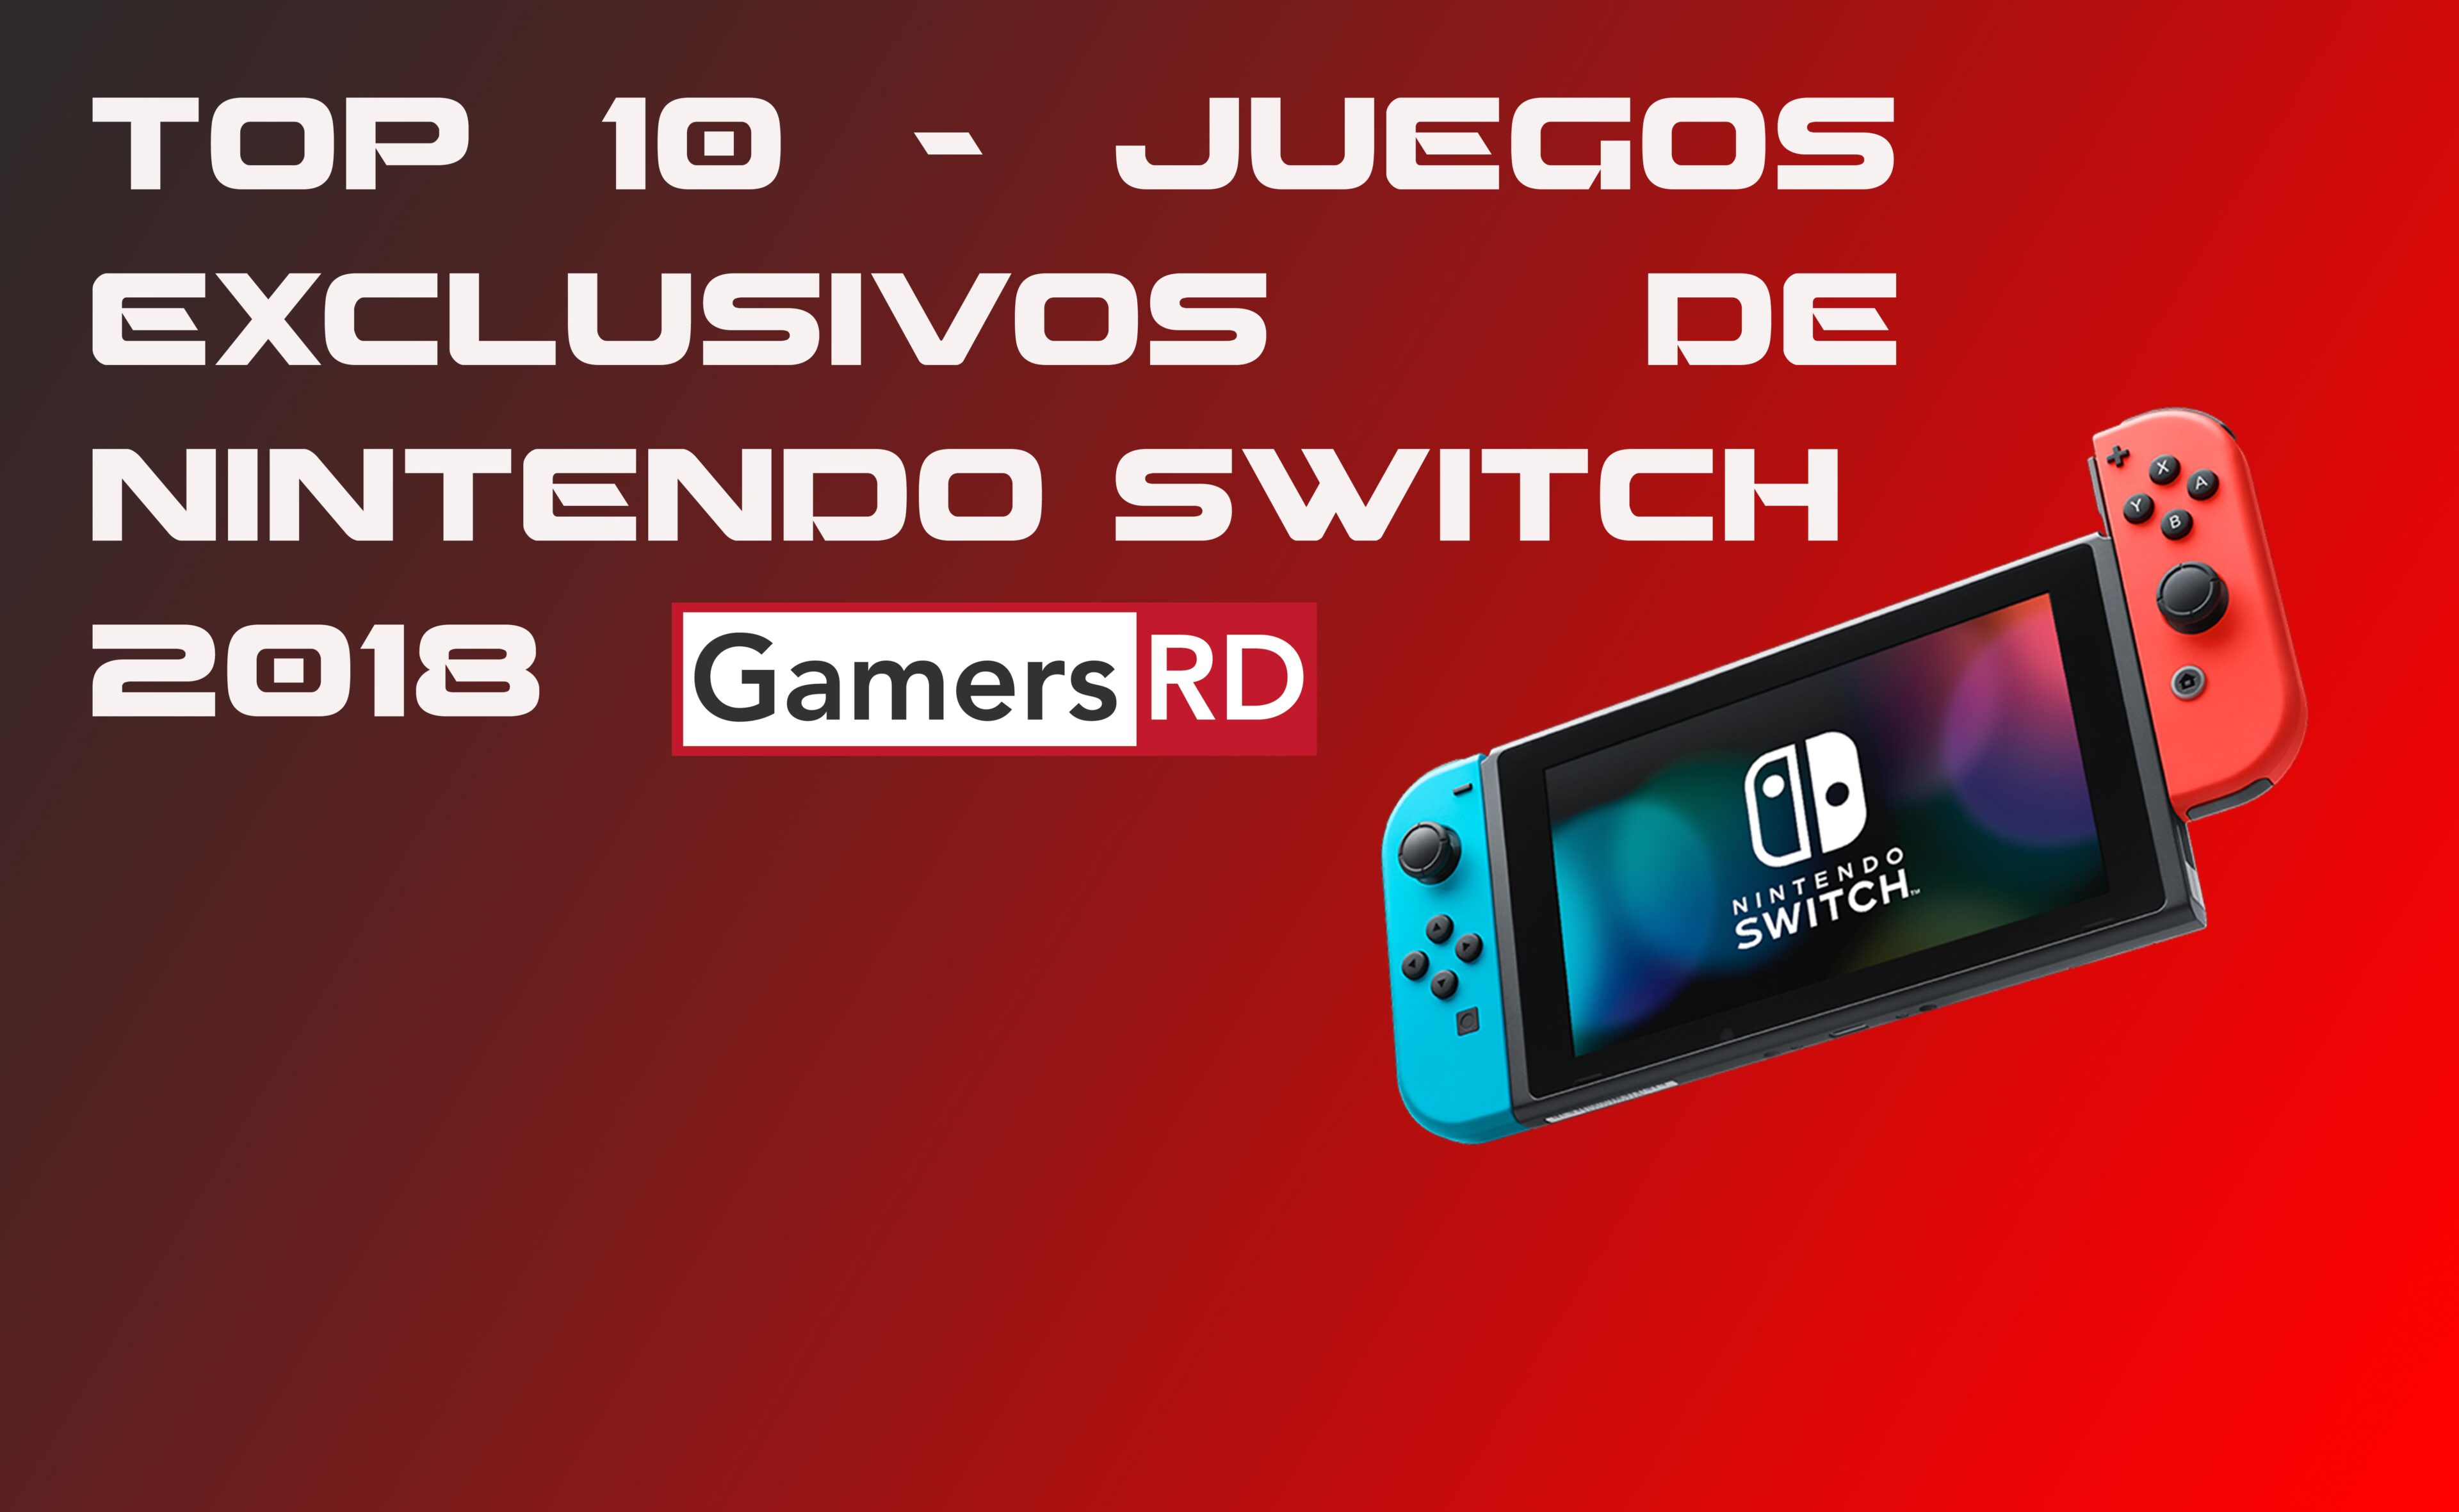 Top 10 Juegos Exclusivos De Nintendo Switch 2018 Gamersrd